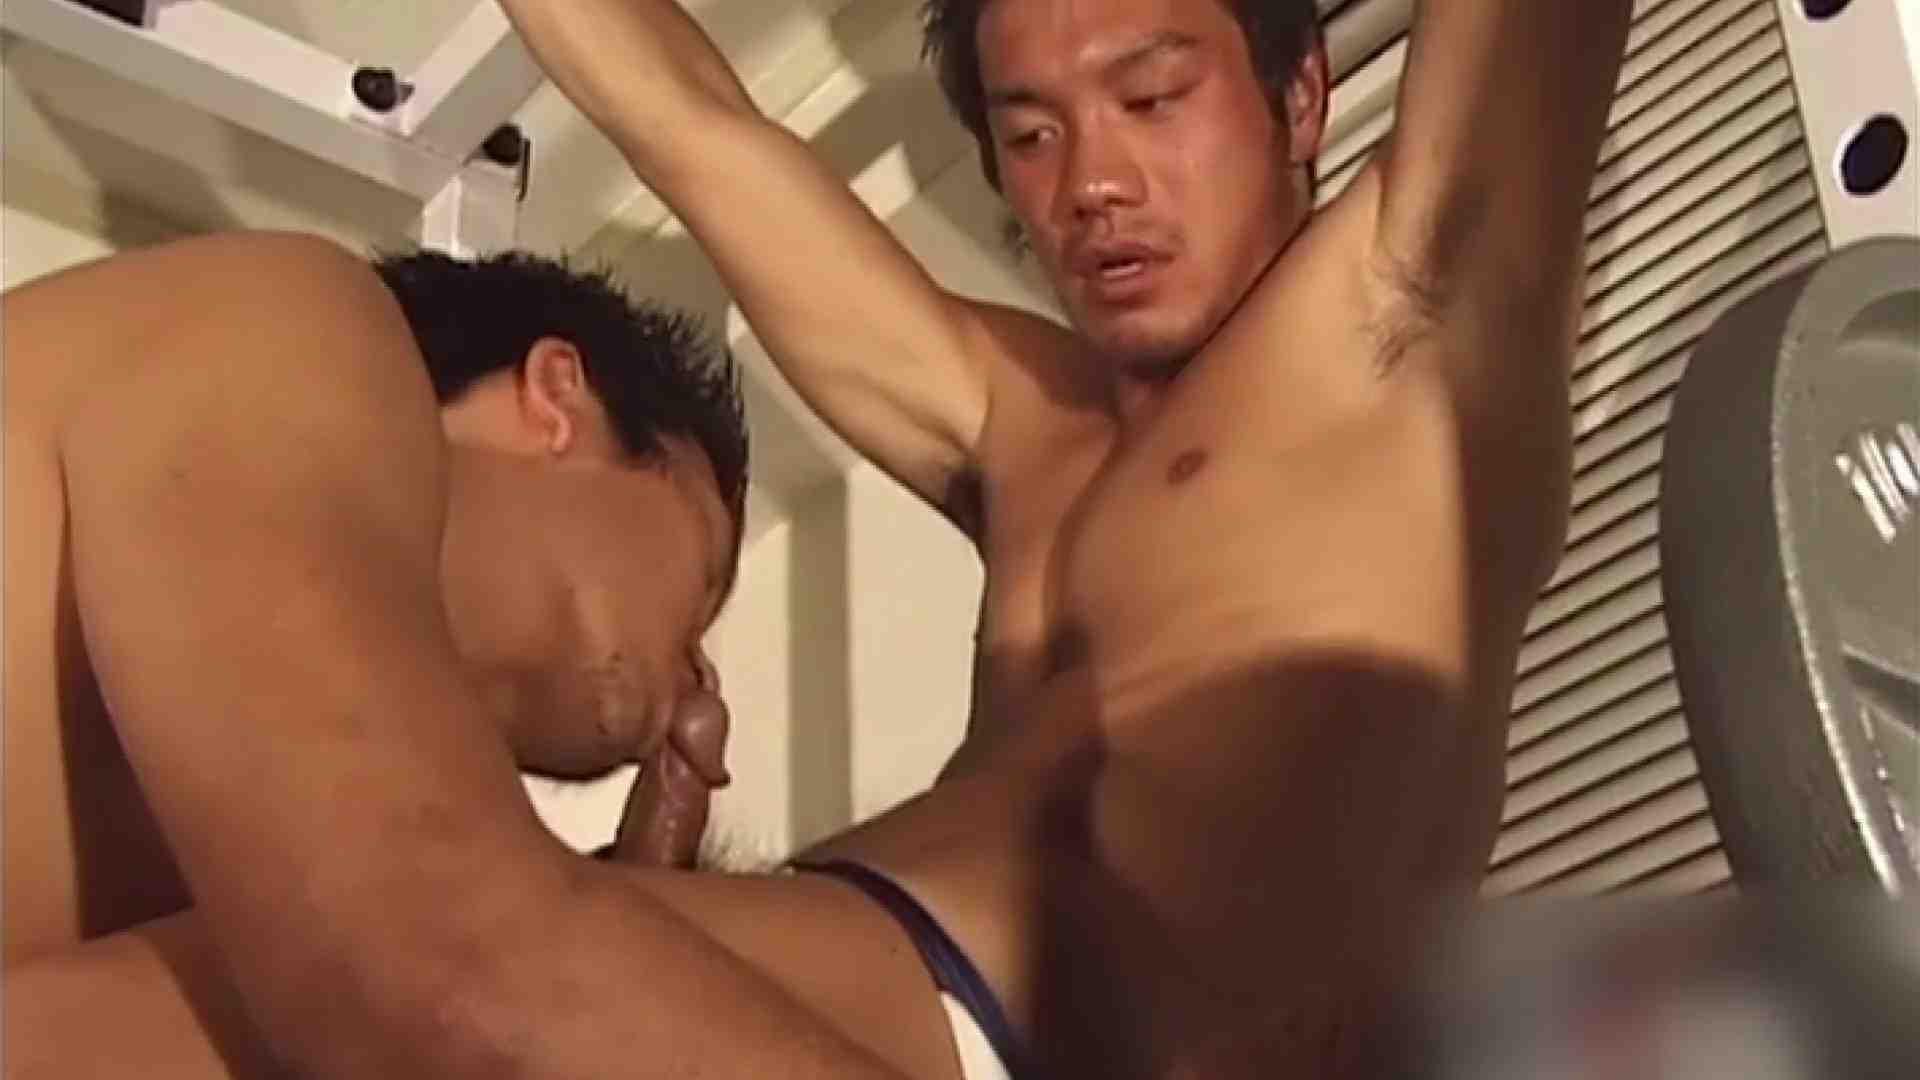 珍肉も筋肉の内!!vol.3 悶絶 ゲイエロ動画 58pic 23